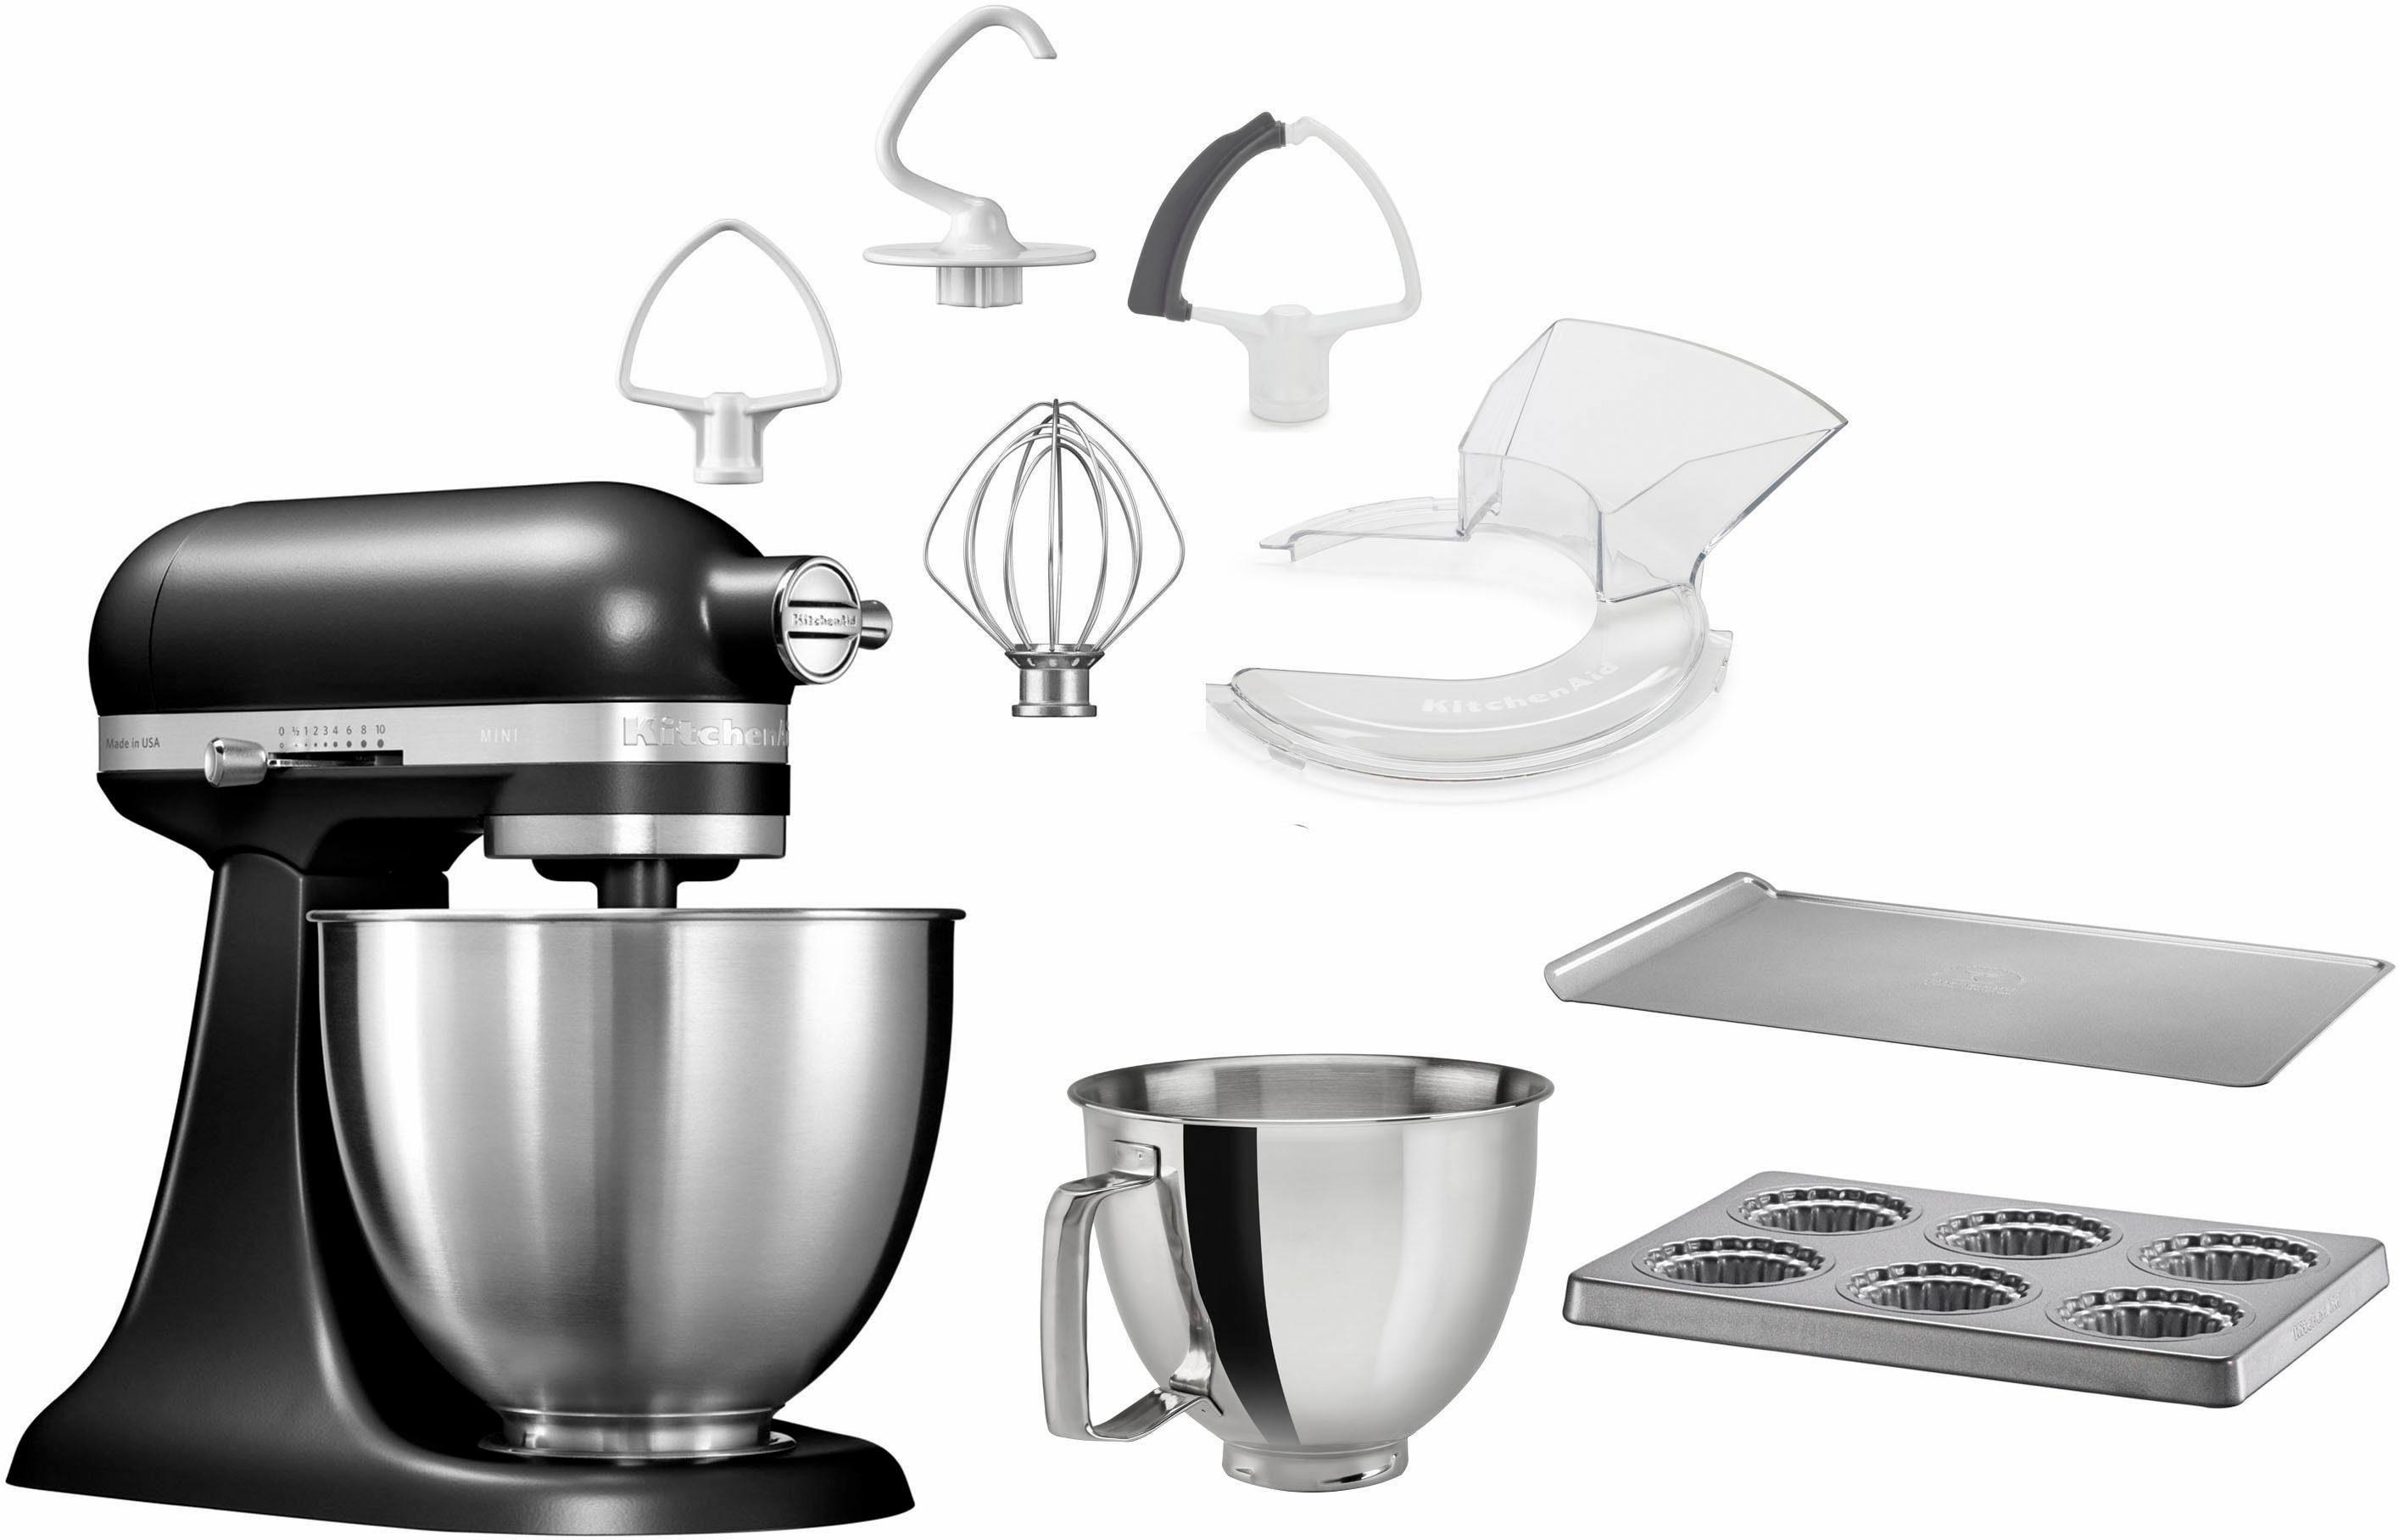 KitchenAid Küchenmaschine Mini 5KSM3311XEBM, 250 W, 3,3 l Schüssel, mit Sonderzubehör im Wert von 246,-€ UVP